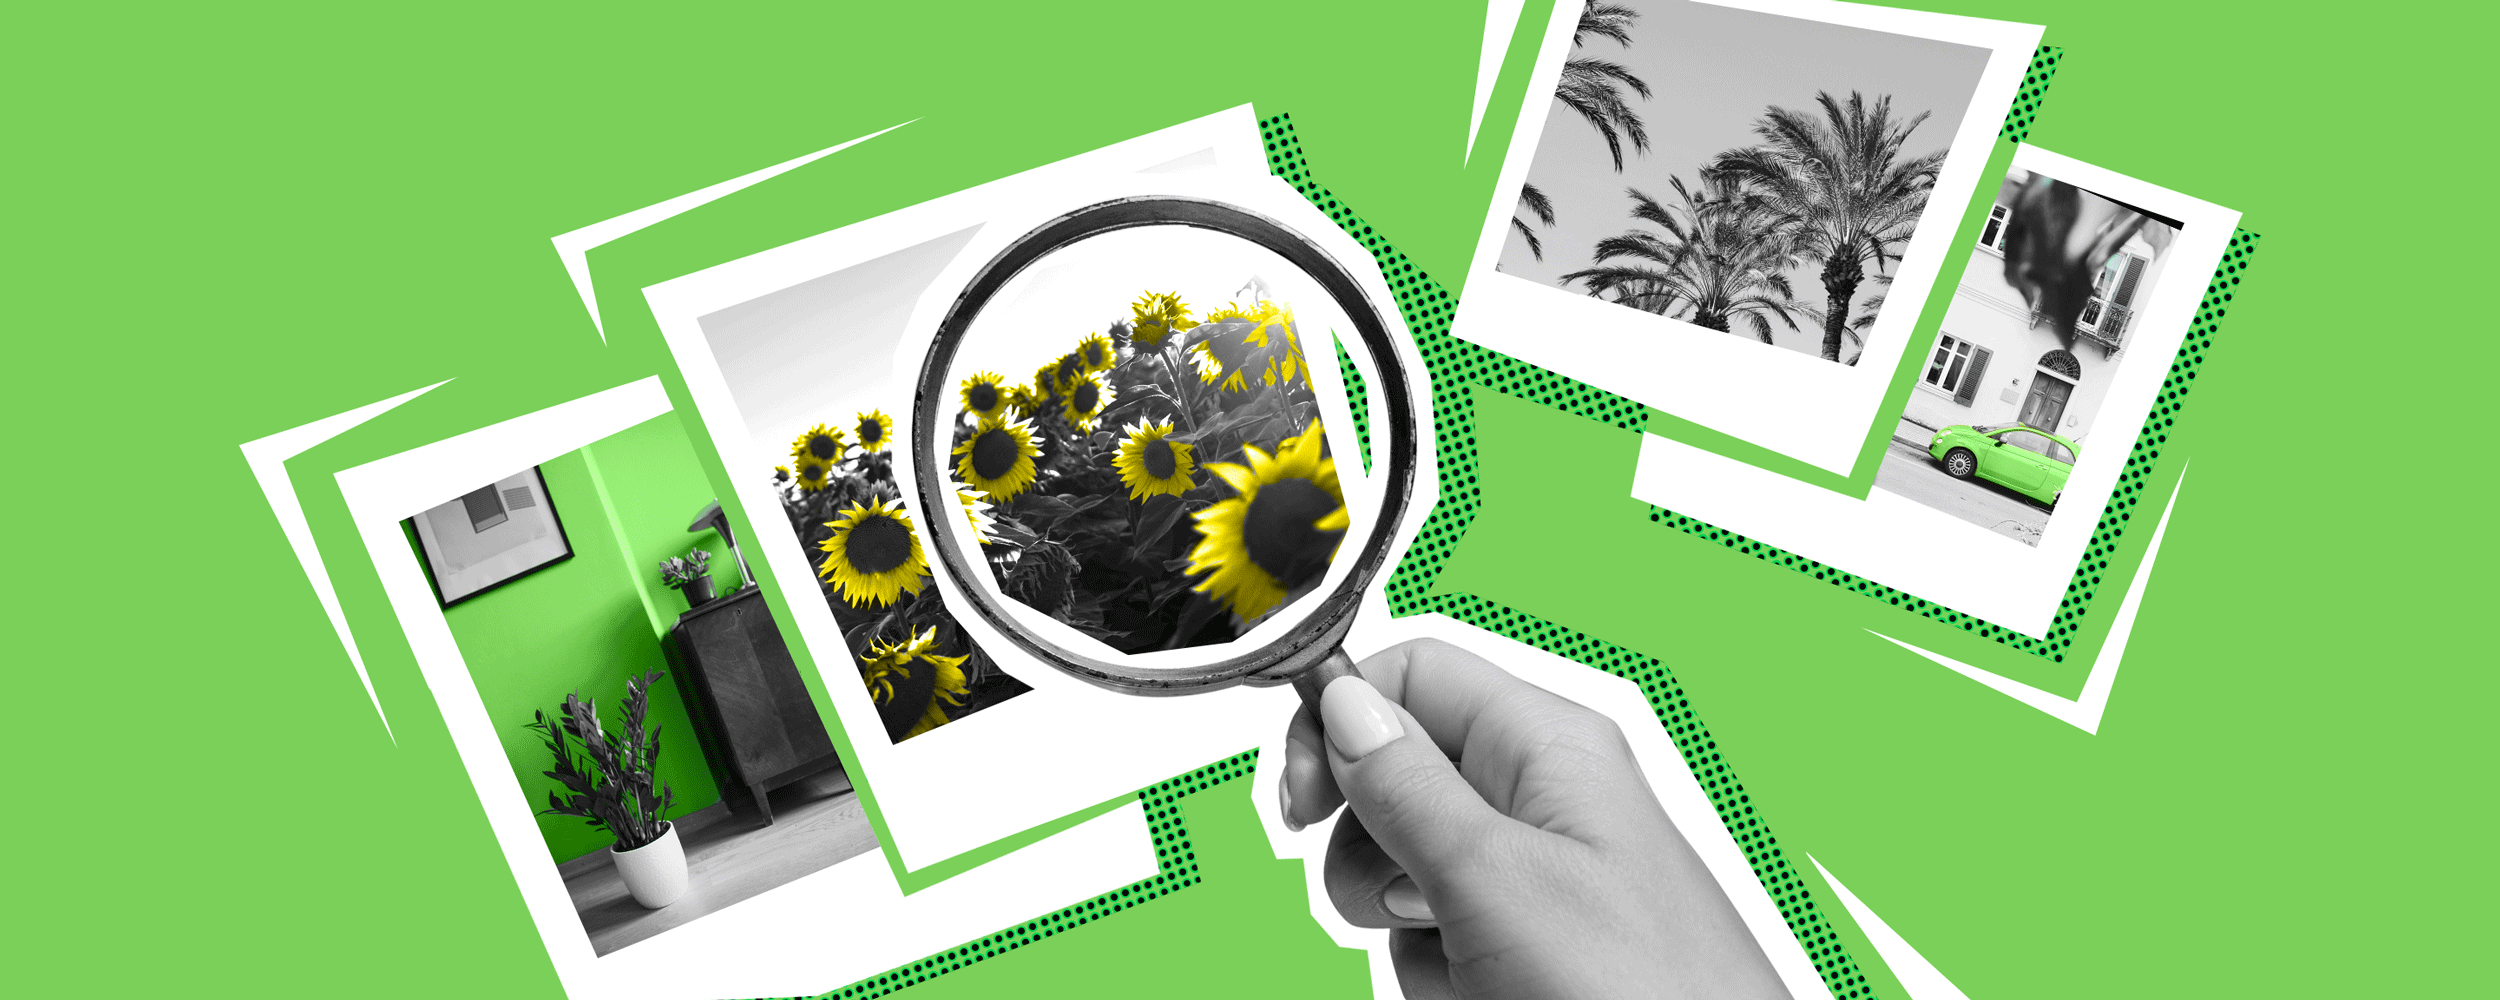 Dónde Encontrar Imágenes Gratis En La Web- Fotos De Stock, Bases De Datos Y Boletines Informativos